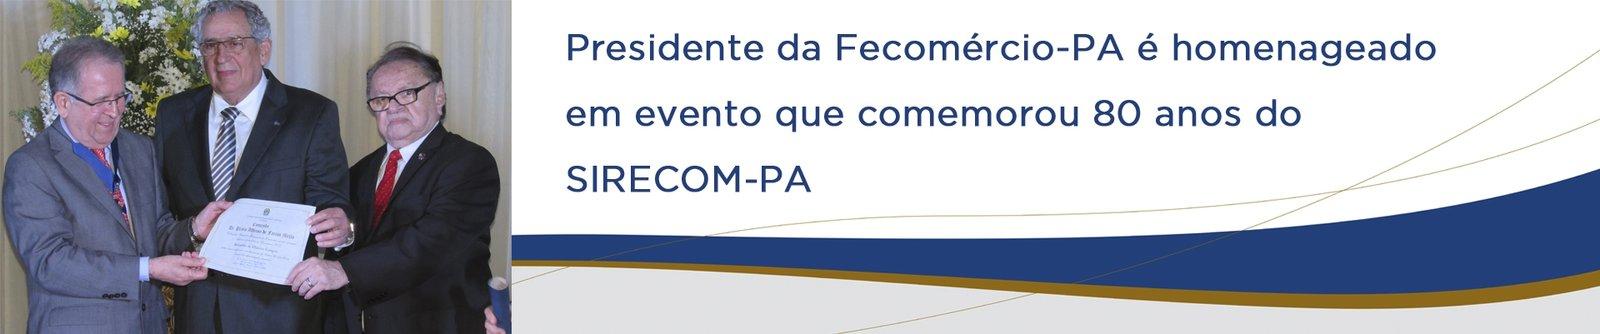 Presidente da Fecomércio-PA é homenageado em evento que comemorou 80 anos do SIRECOM-PA